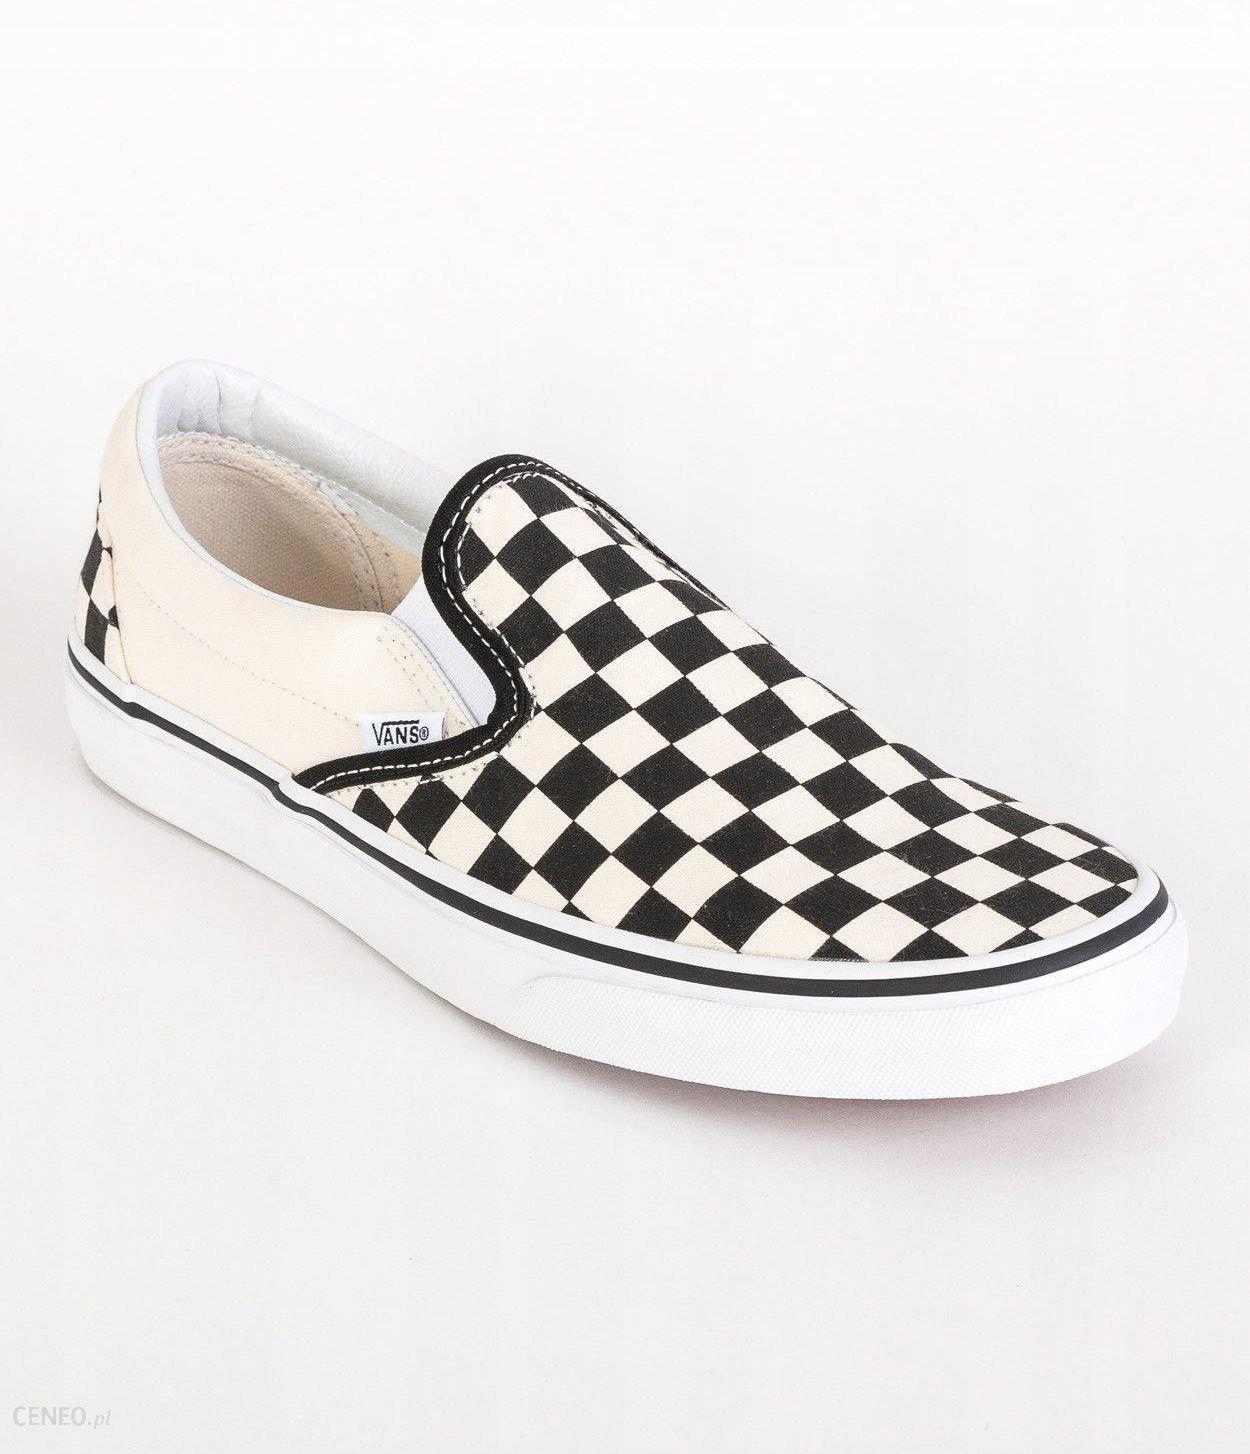 Vans U CLASSIC SLIP ON V00EYEBWW Checkerboard 8 Ceny i opinie Ceneo.pl